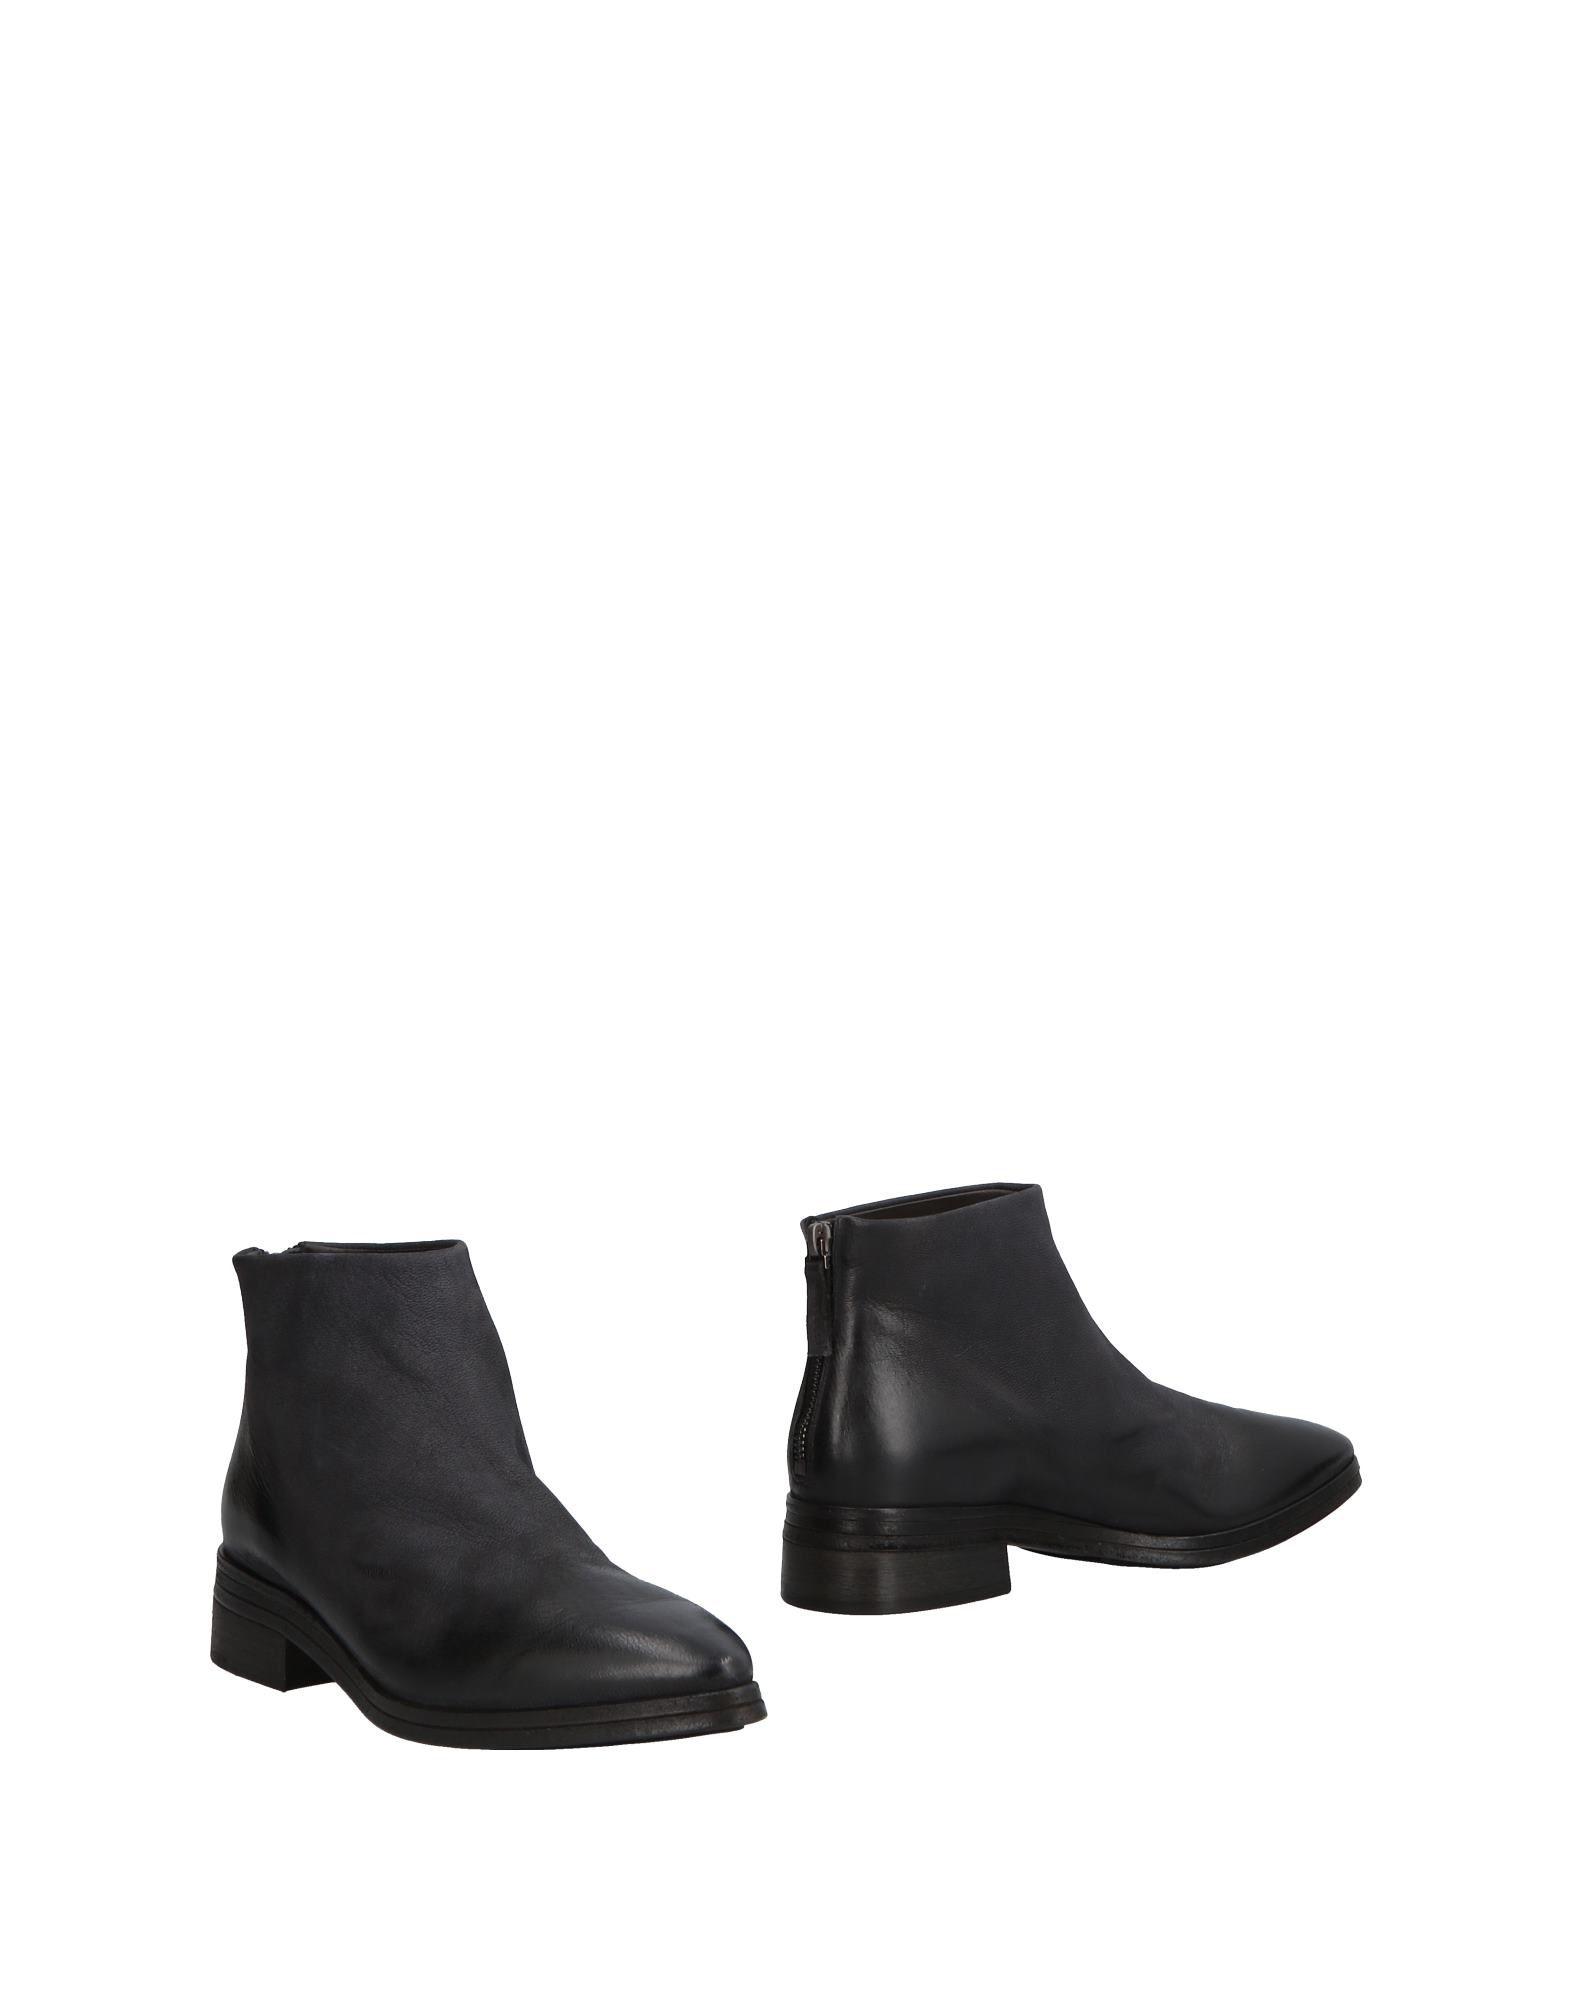 Marsèll Stiefelette Damen  11503869EGGünstige Schuhe gut aussehende Schuhe 11503869EGGünstige c06bc2